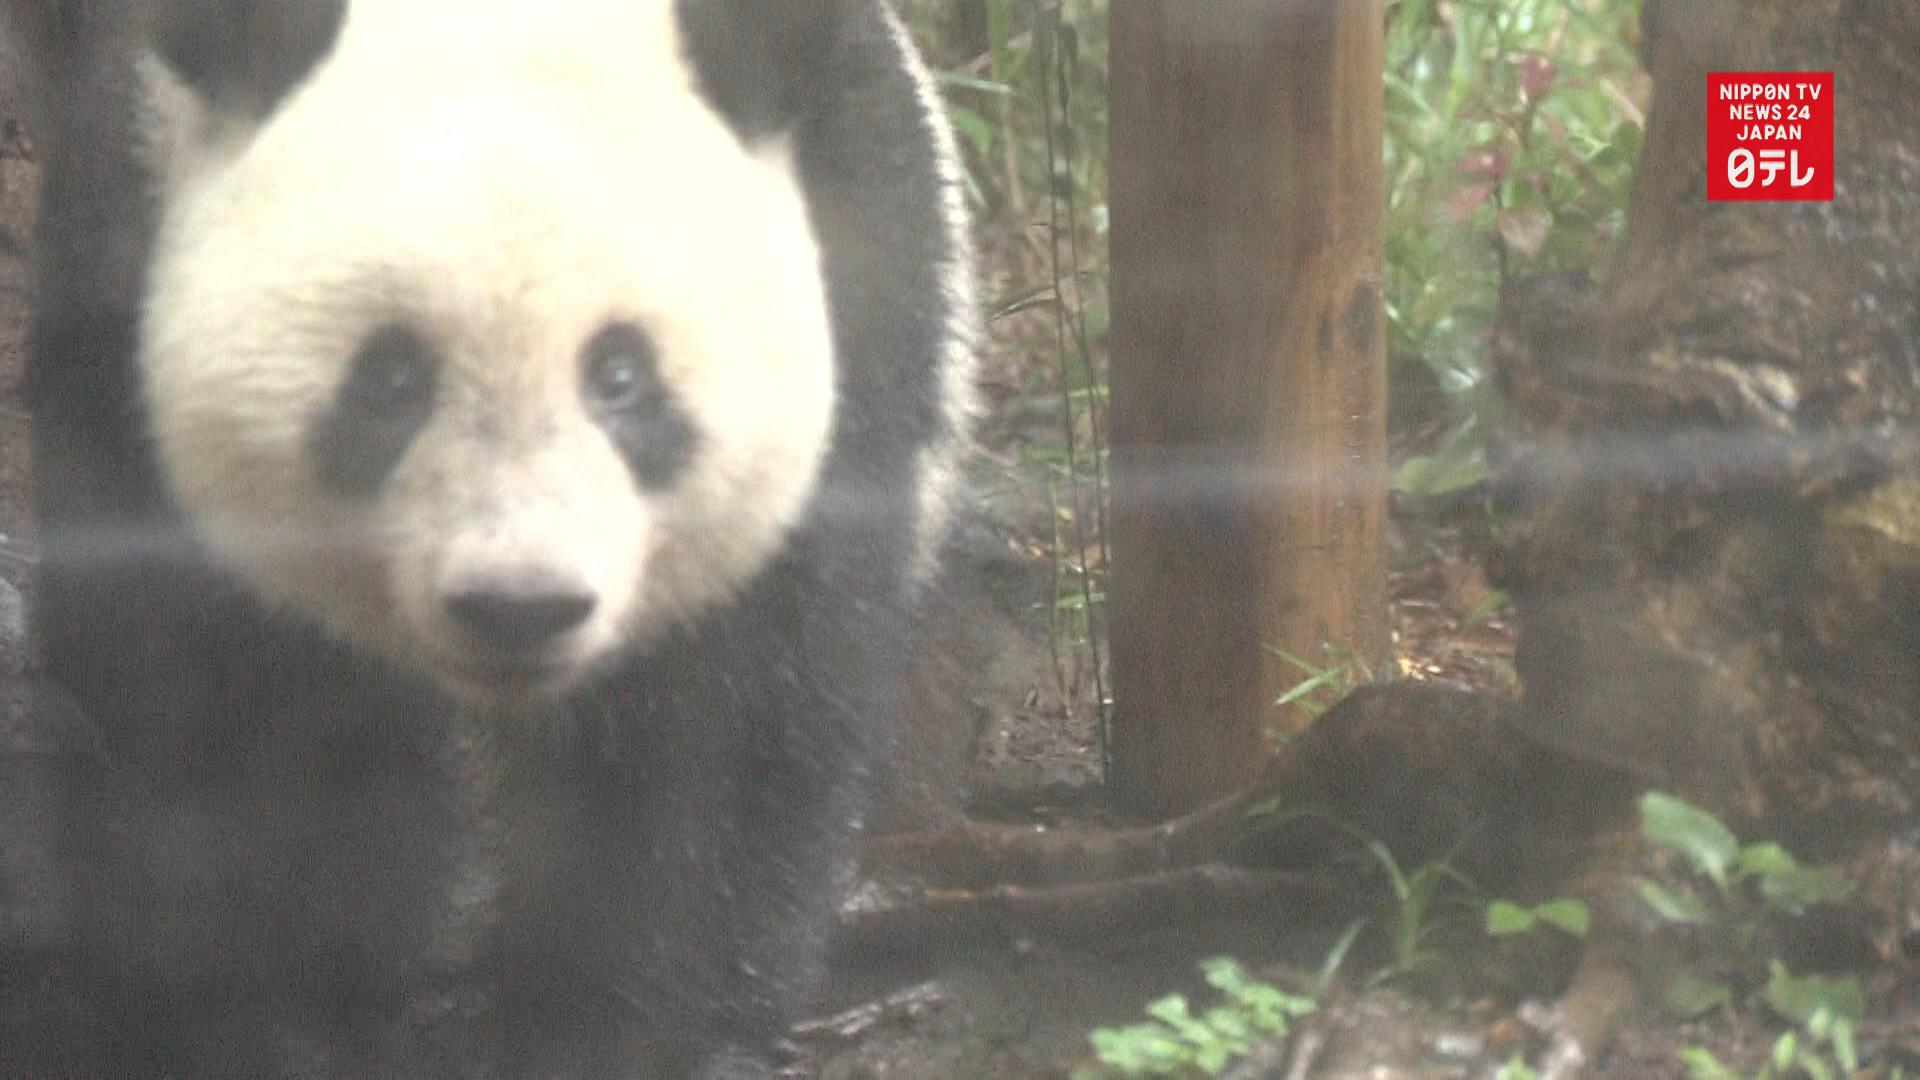 Giant panda Shan Shan turns 2